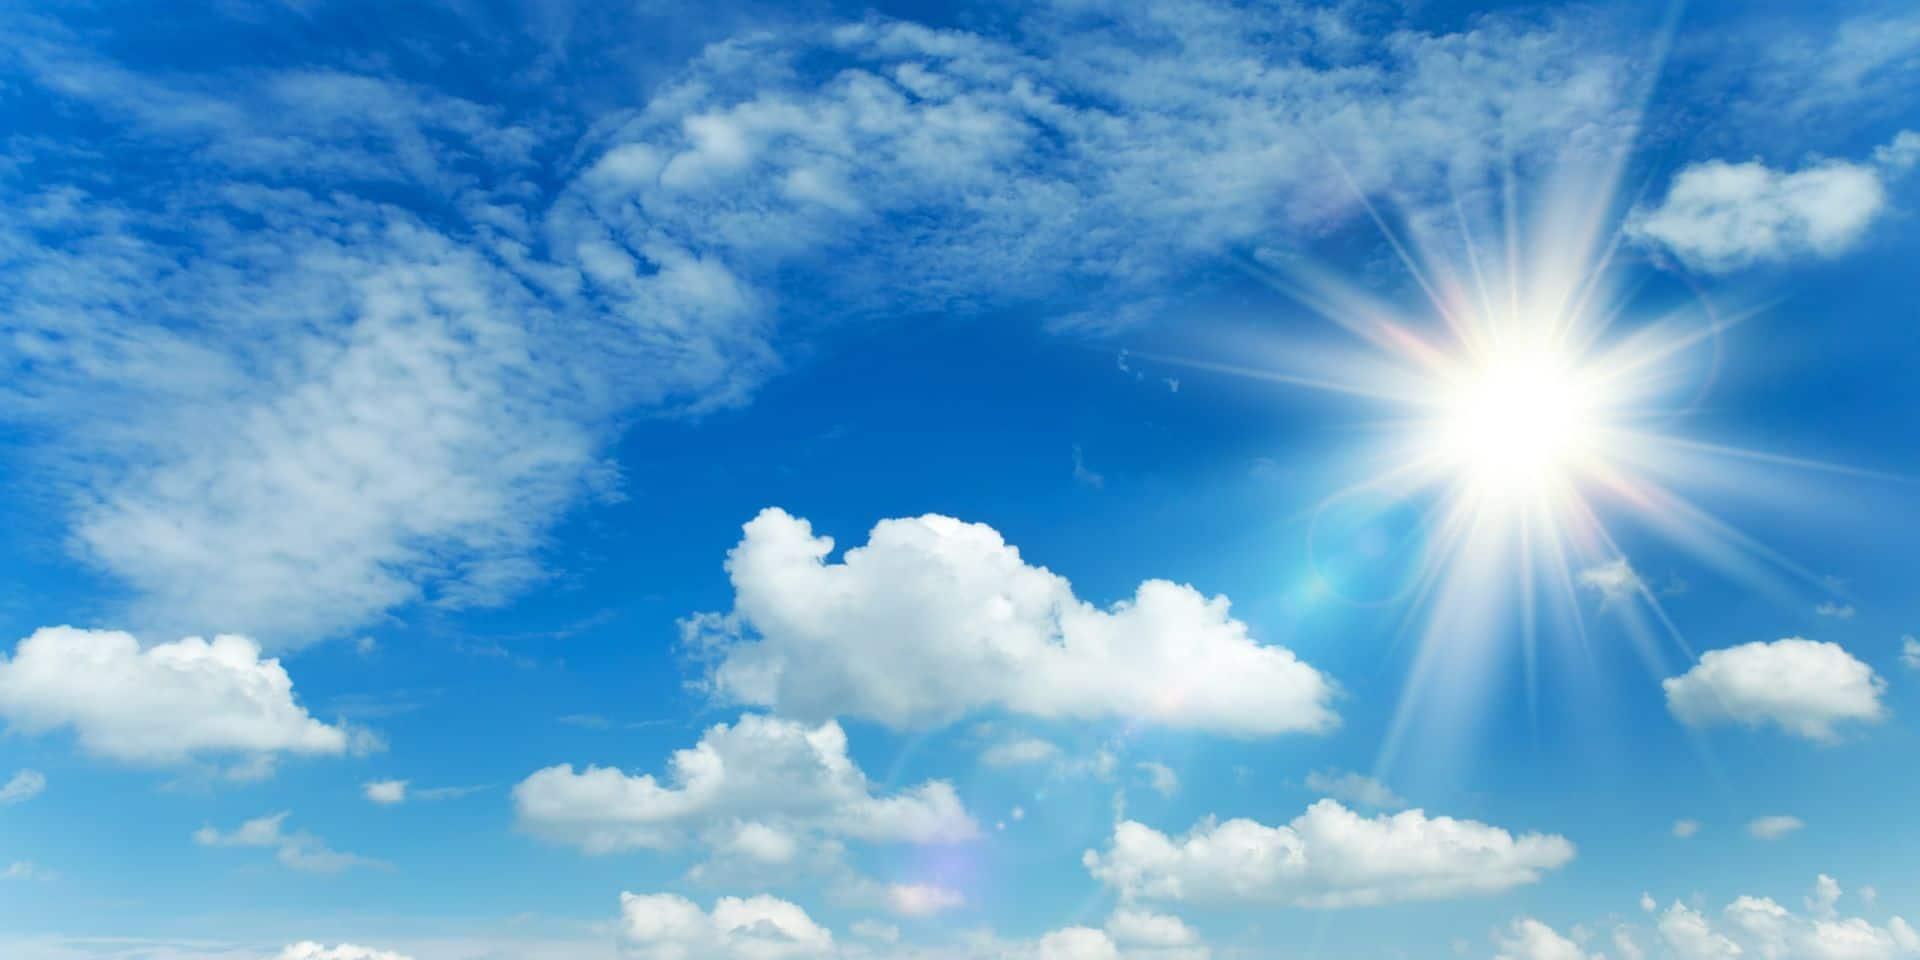 Encore un risque d'orages d'ici le week-end, avant le retour sur la durée d'un temps stable, agréable et ensoleillé